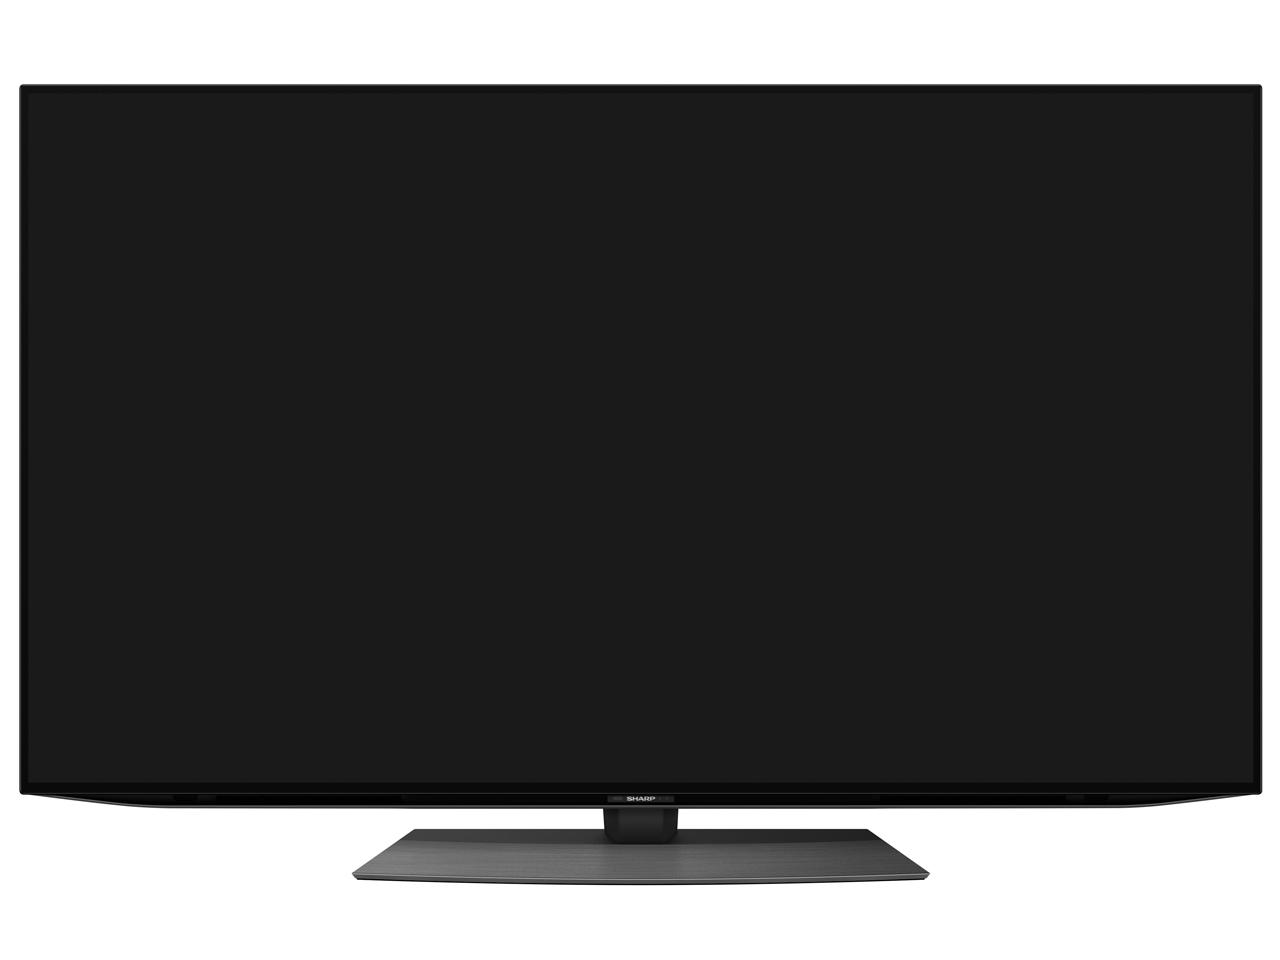 価格.com】薄型テレビ・液晶テレビ | 通販・価格比較・製品情報